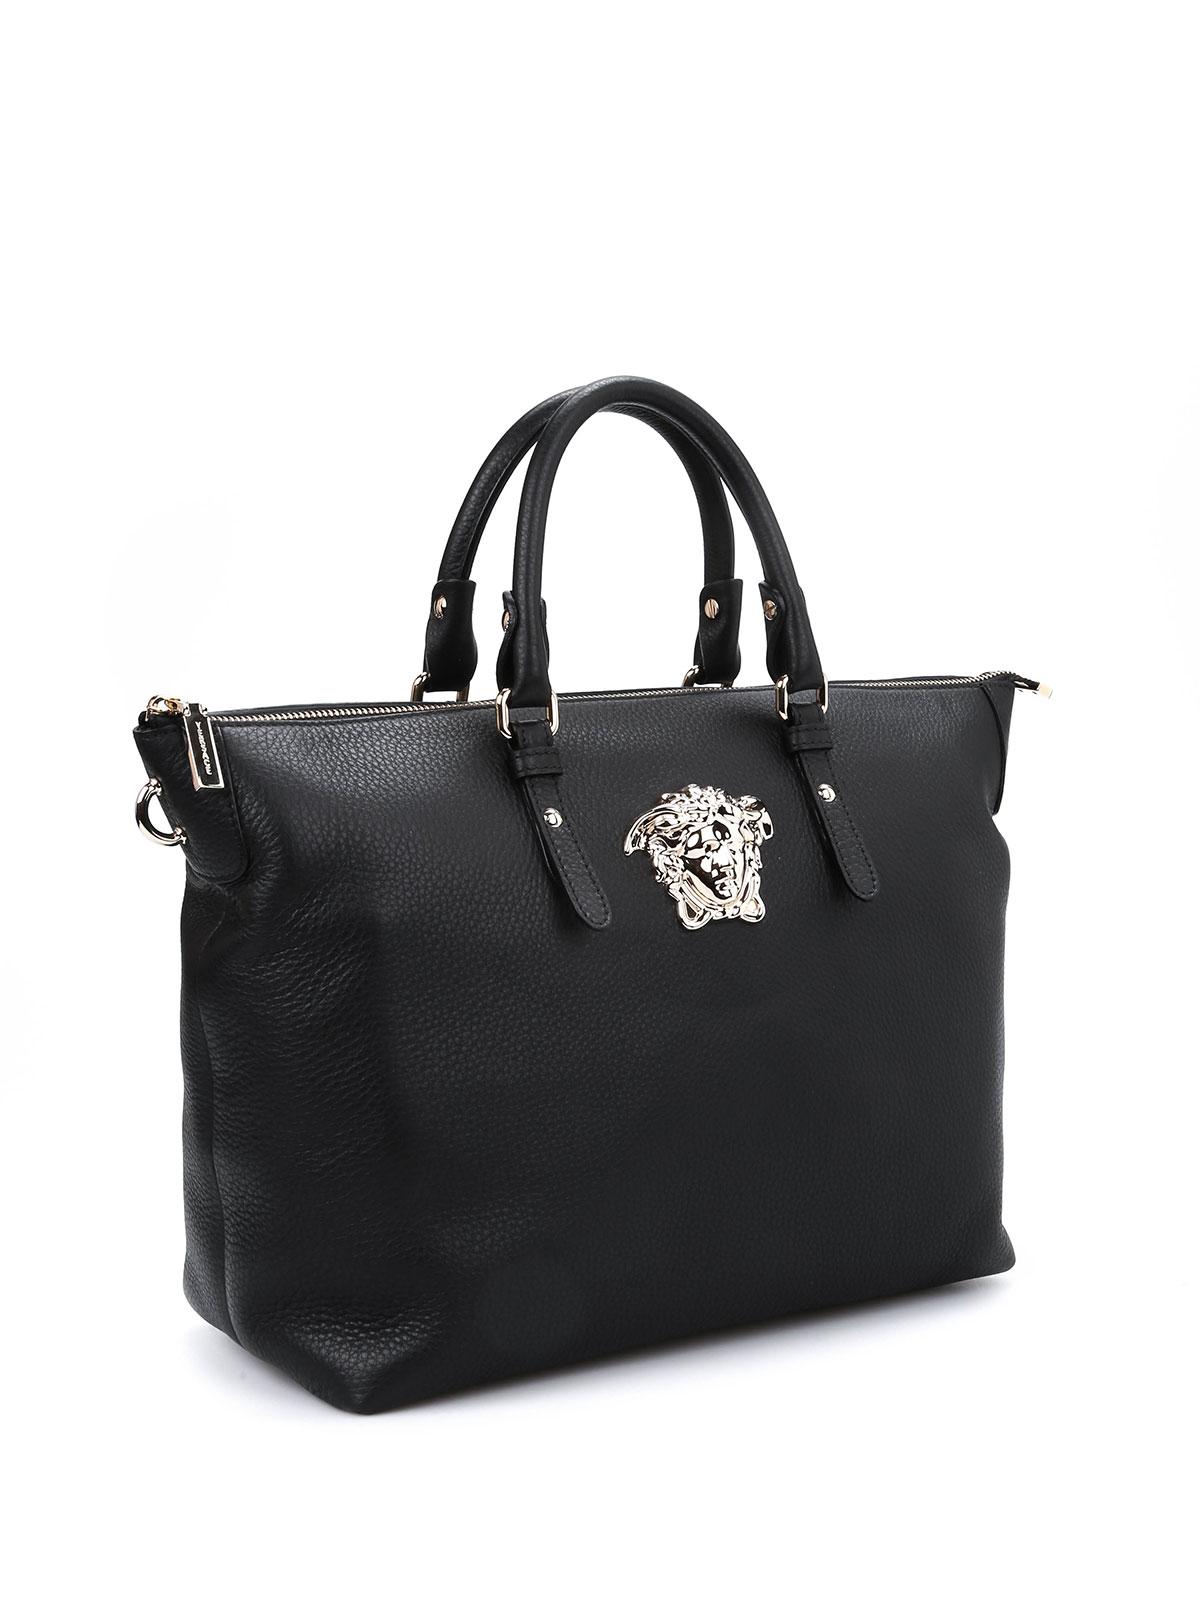 af13ff13b44 Versace - Medusa leather tote bag - totes bags - DBFE774DCEH   iKRIX.com